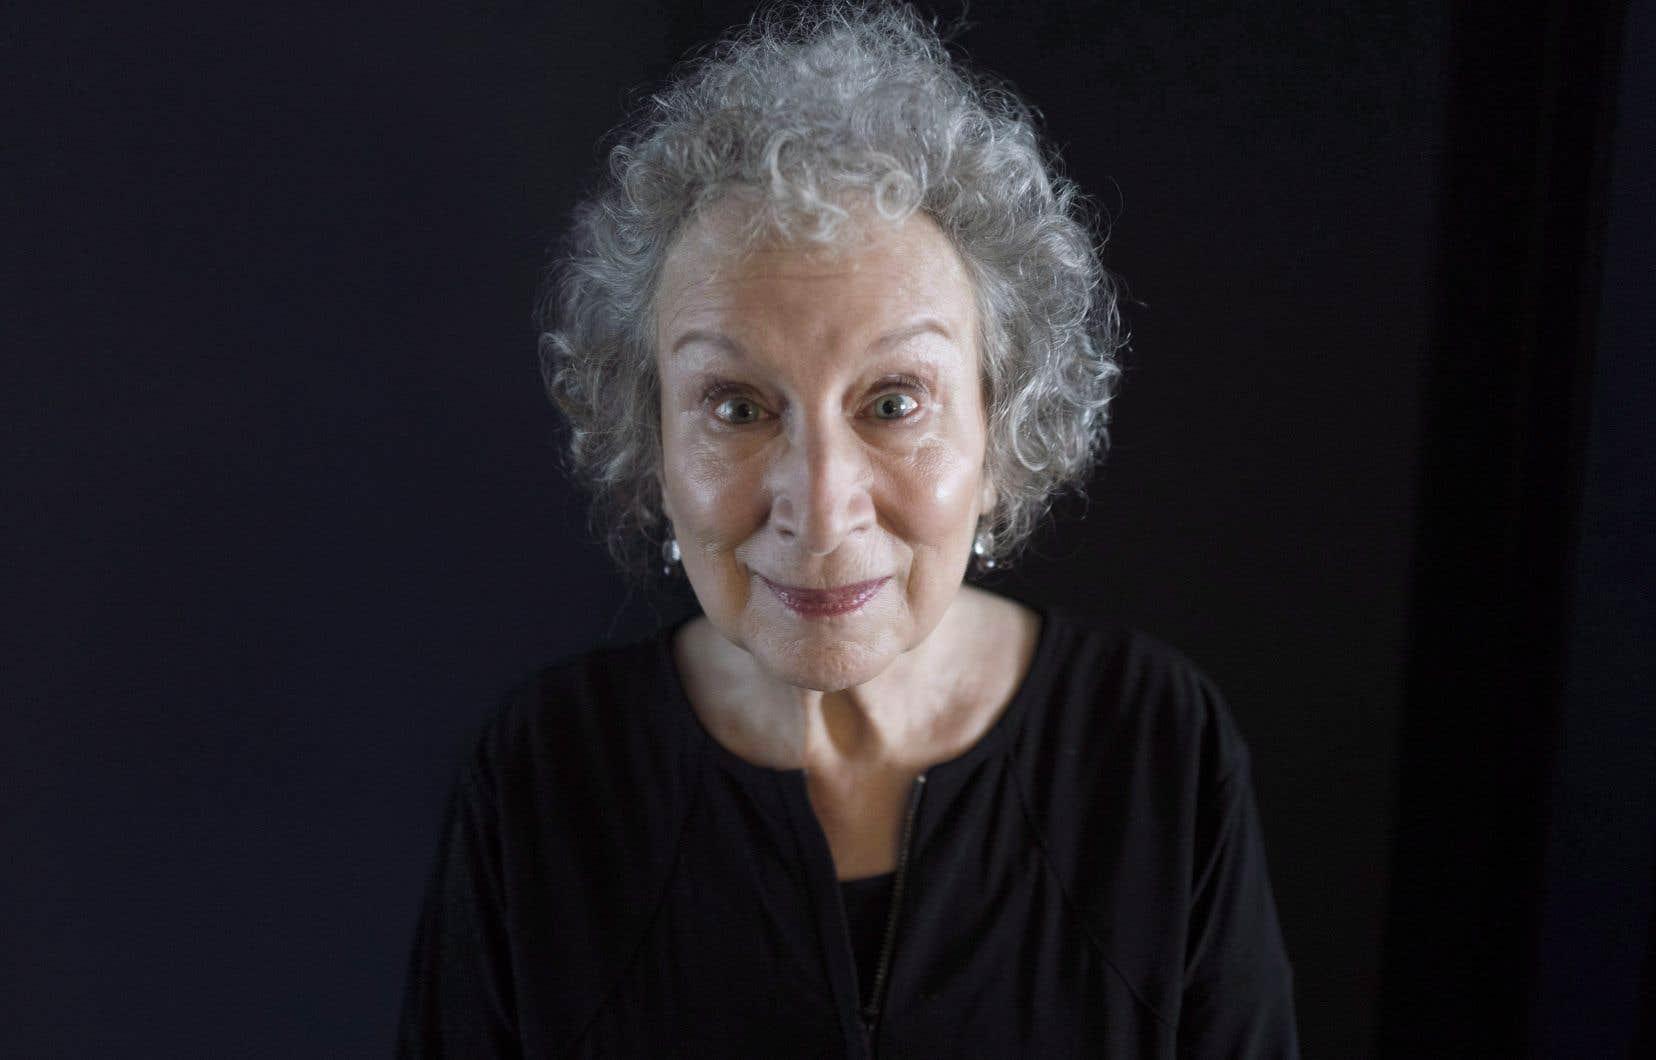 Il y a quelques jours, le quotidien «USA Today» a qualifié la romancière originaire d'Ottawa d'«auteure d'un mouvement», en la faisant entrer dans sa liste des dix personnes ayant eu «le plus d'impact dans le secteur culturel cette année».